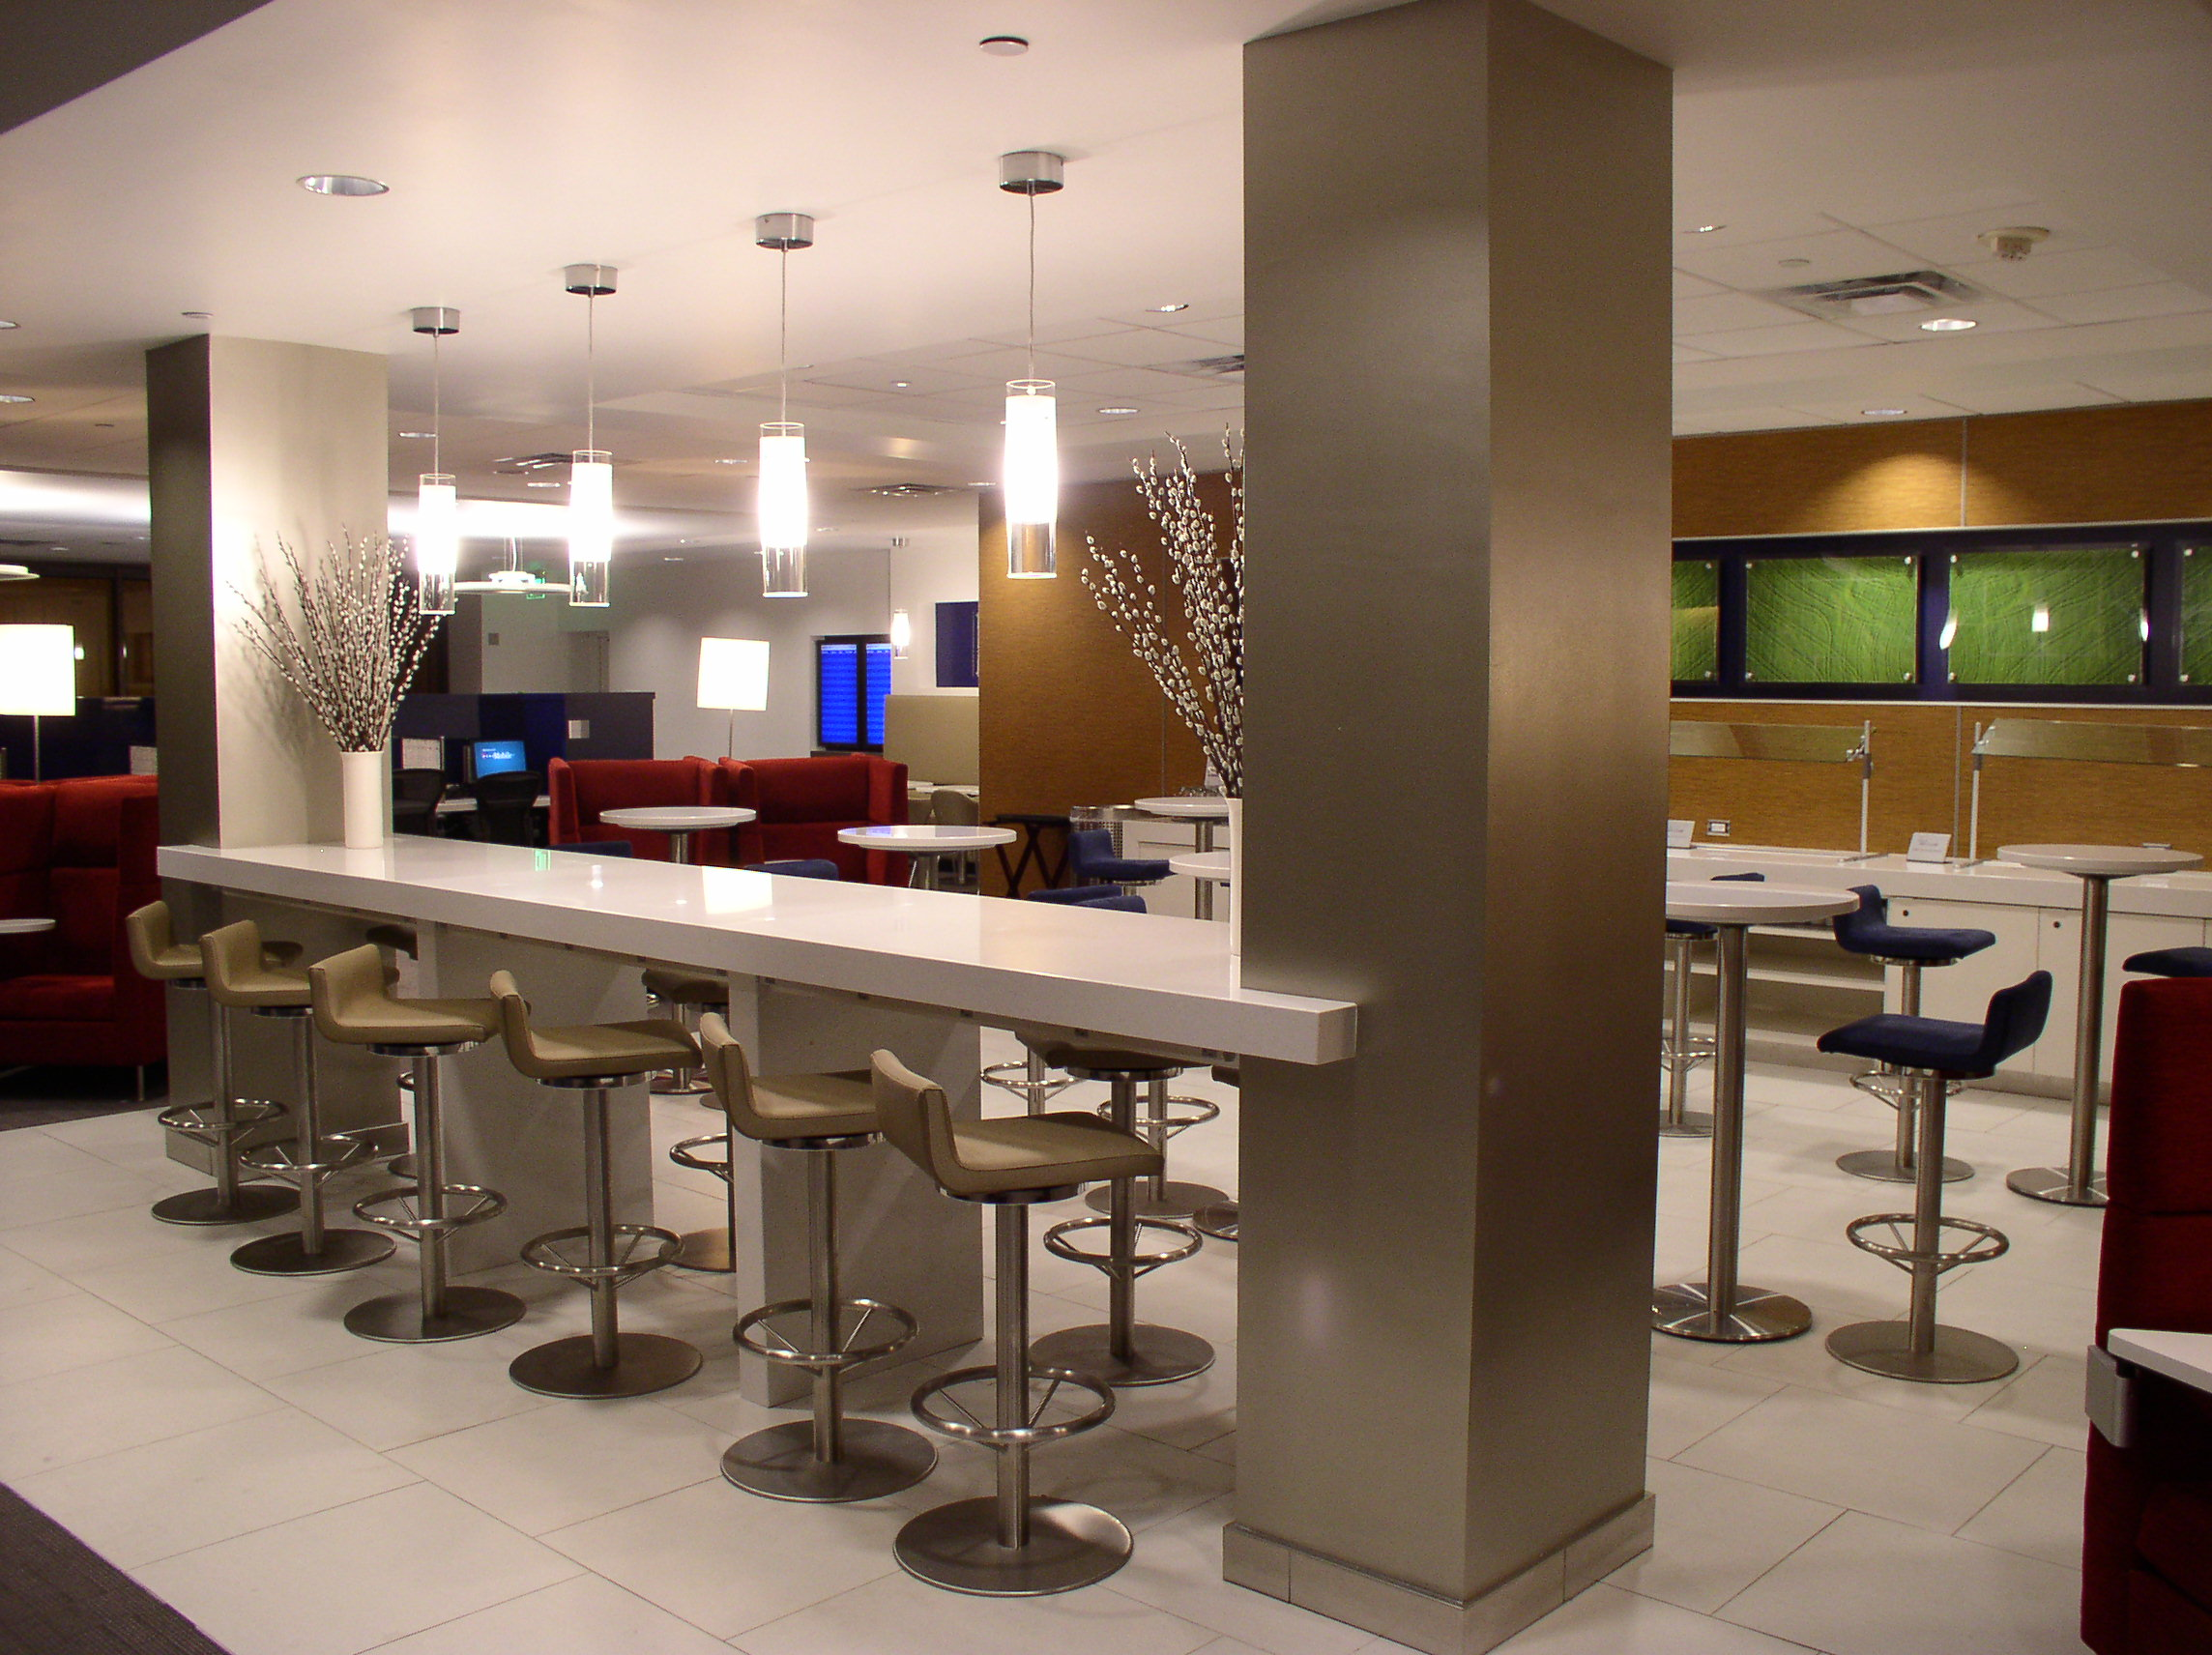 Granite Countertops For Business Or Institutions In Atlanta GA